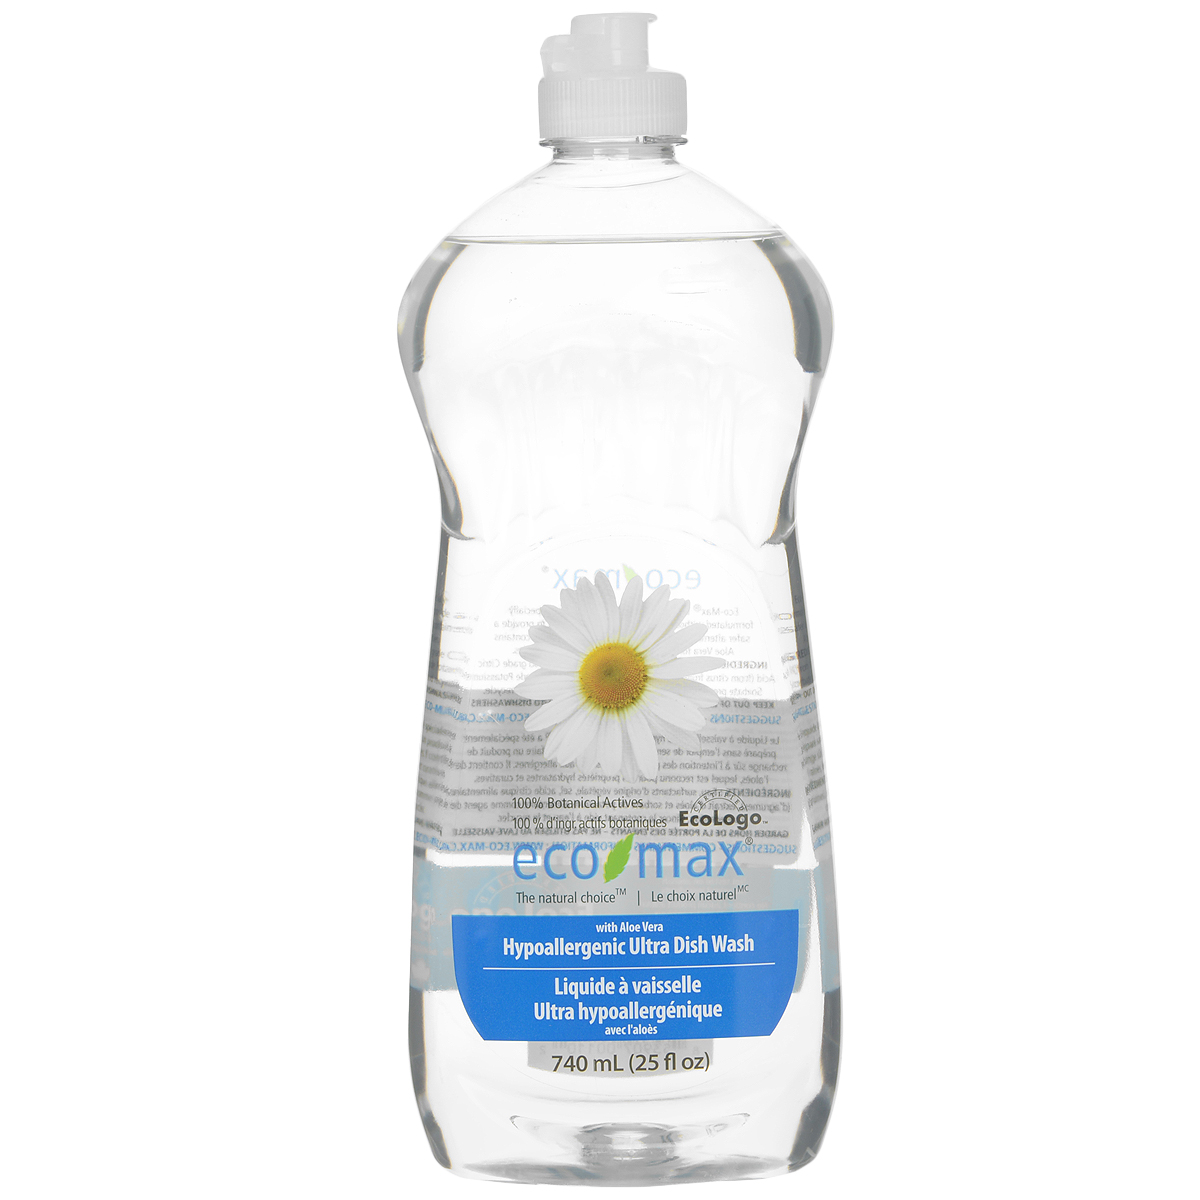 Средство для мытья посуды Eco Max, гипоаллергенное, 740 мл787502Средство для мытья посуды Eco Max - натуральное гипоаллергенное средство без запаха, на 100% растительной основе, полностью биоразлагаемое. Средство безопасно для кожи рук и прекрасно подходит для мытья детских бутылочек, чашек, сосок, молокоотсосов и т.д. В этом средстве используются активные чистящие вещества ингредиентов, полученных из биоразлагаемых и возобновляемых растительных источников. Специально разработано без использования сенсибилизаторов и безопасно для людей, чувствительных к различным запахам. Содержит алоэ вера, обладающее увлажняющими и заживляющими свойствами. Состав: вода, ПАВ растительного происхождения, растительный экстракт алоэ вера, соль, пищевой сорбат калия в качестве консерванта, пищевая лимонная кислота (из плодов лимона). Товар сертифицирован.